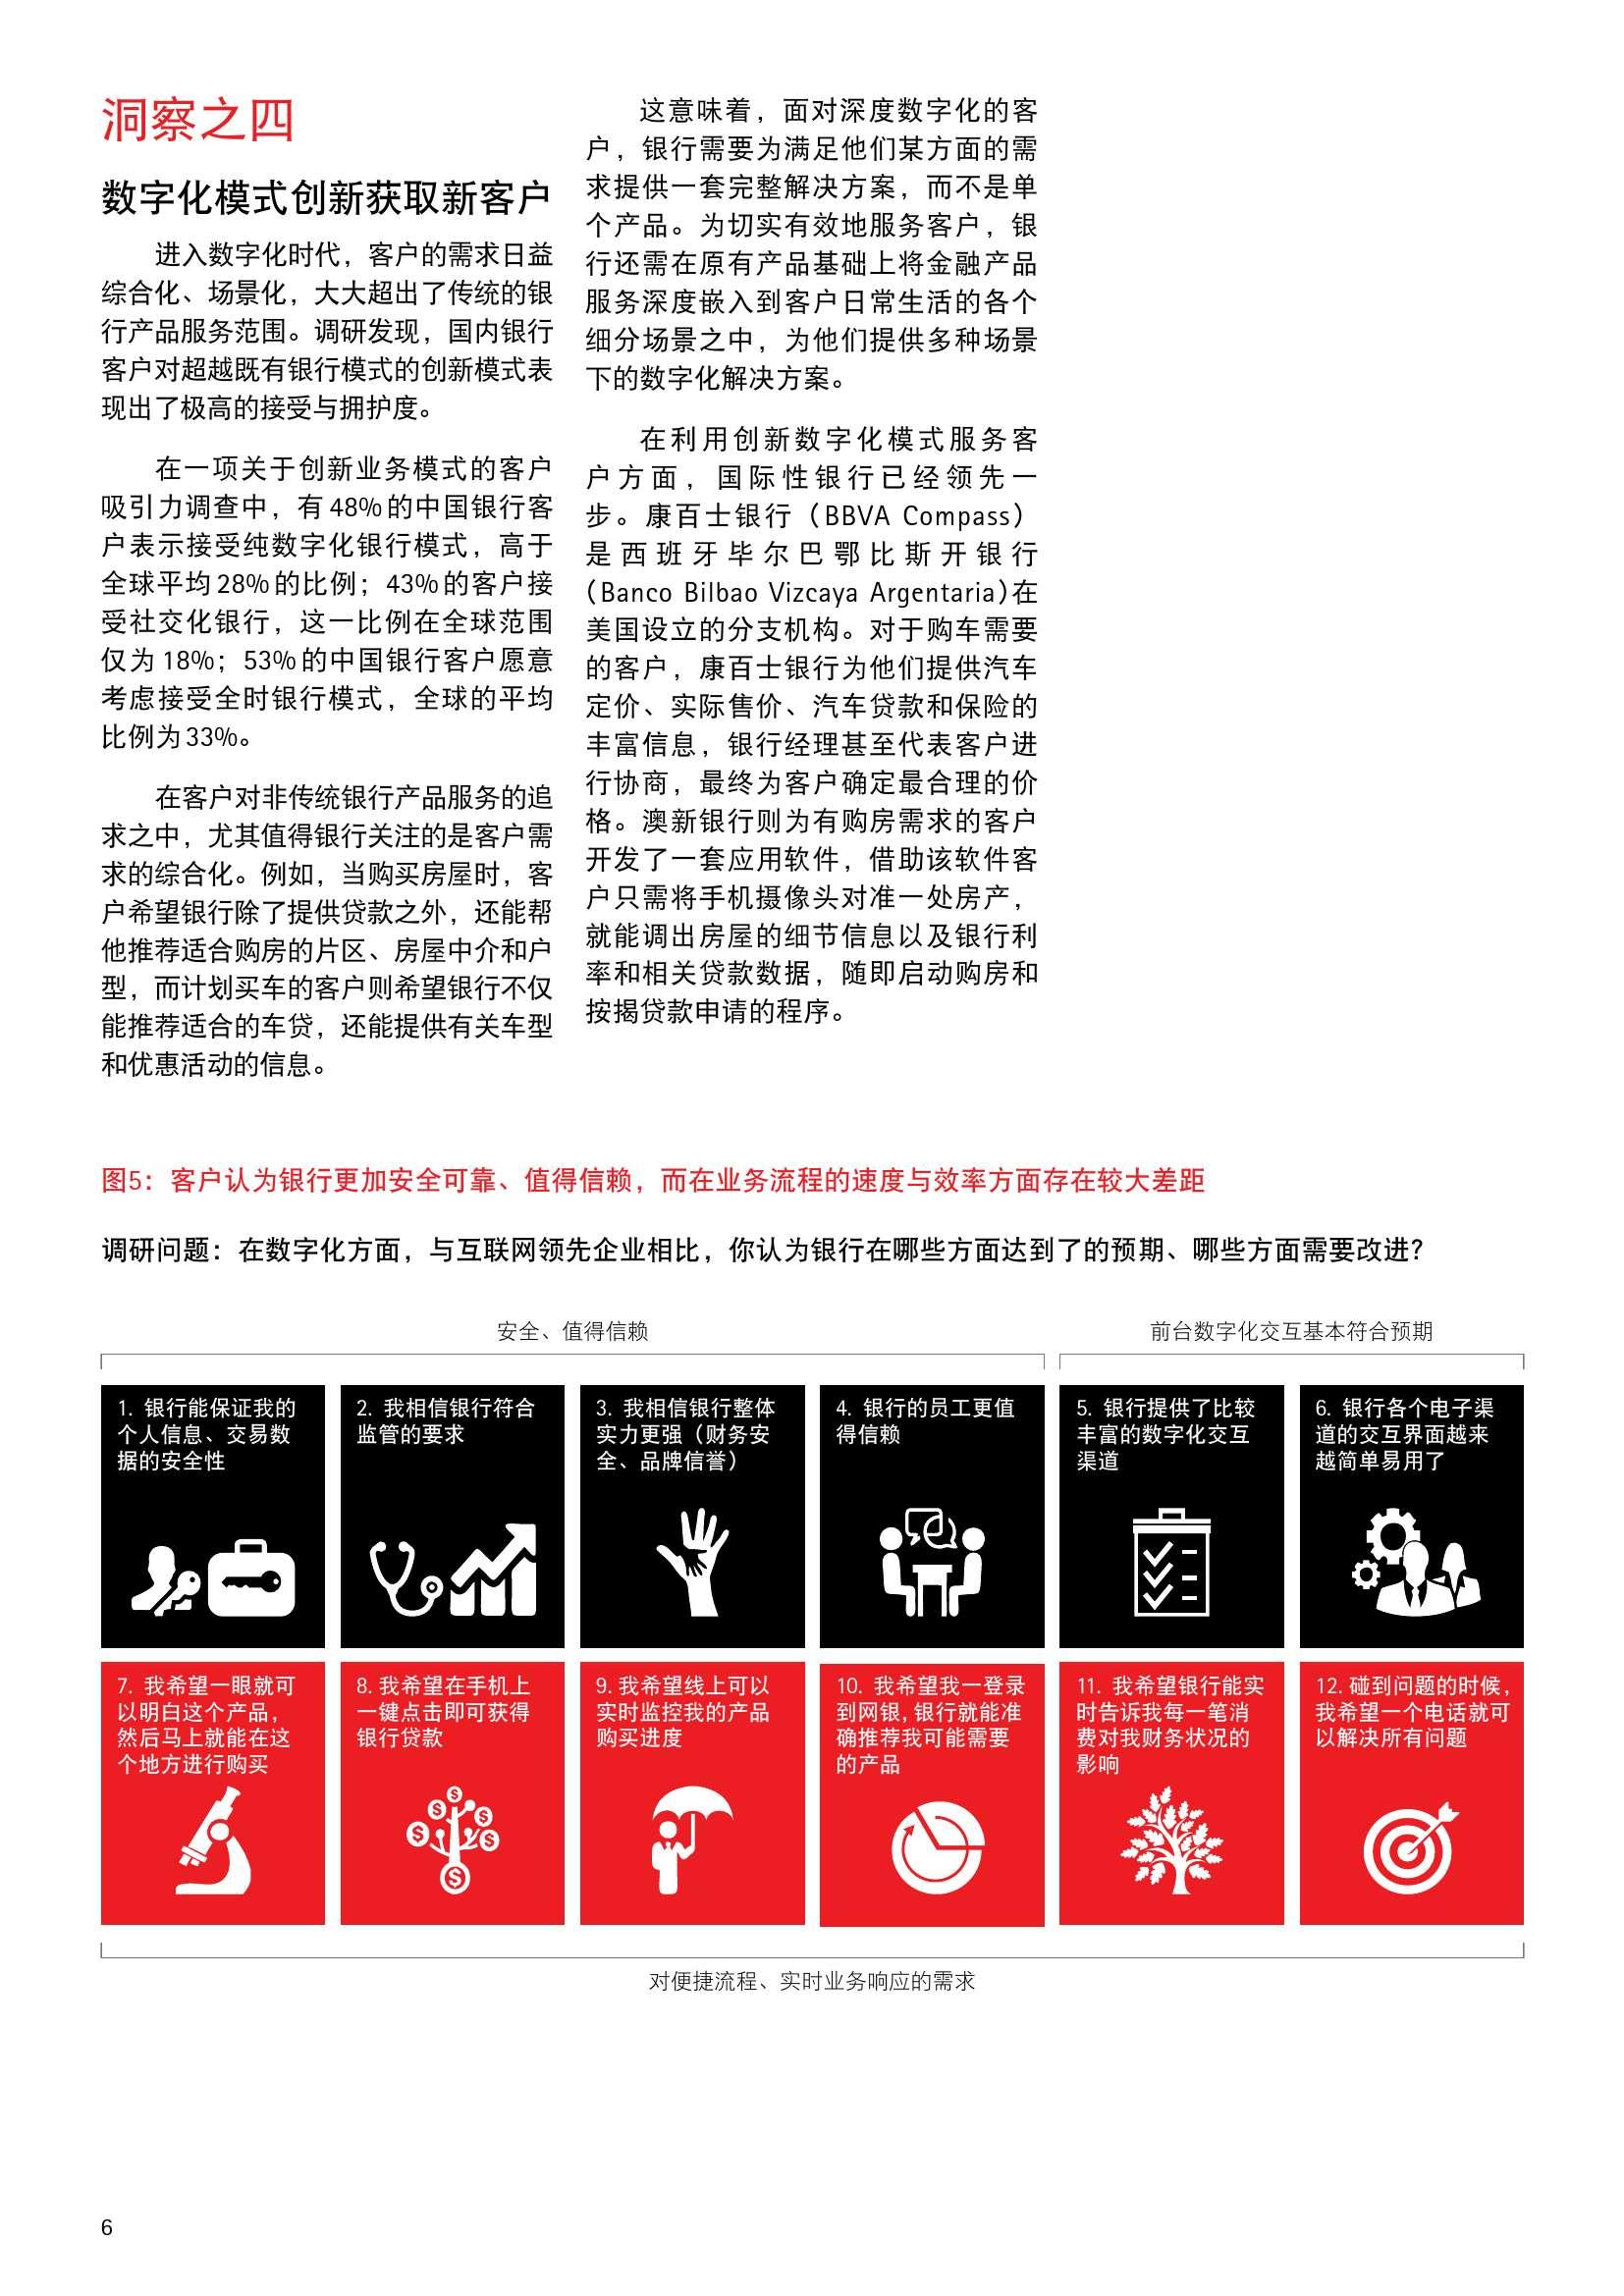 埃森哲中国零售银行数字化消费者调研_000006